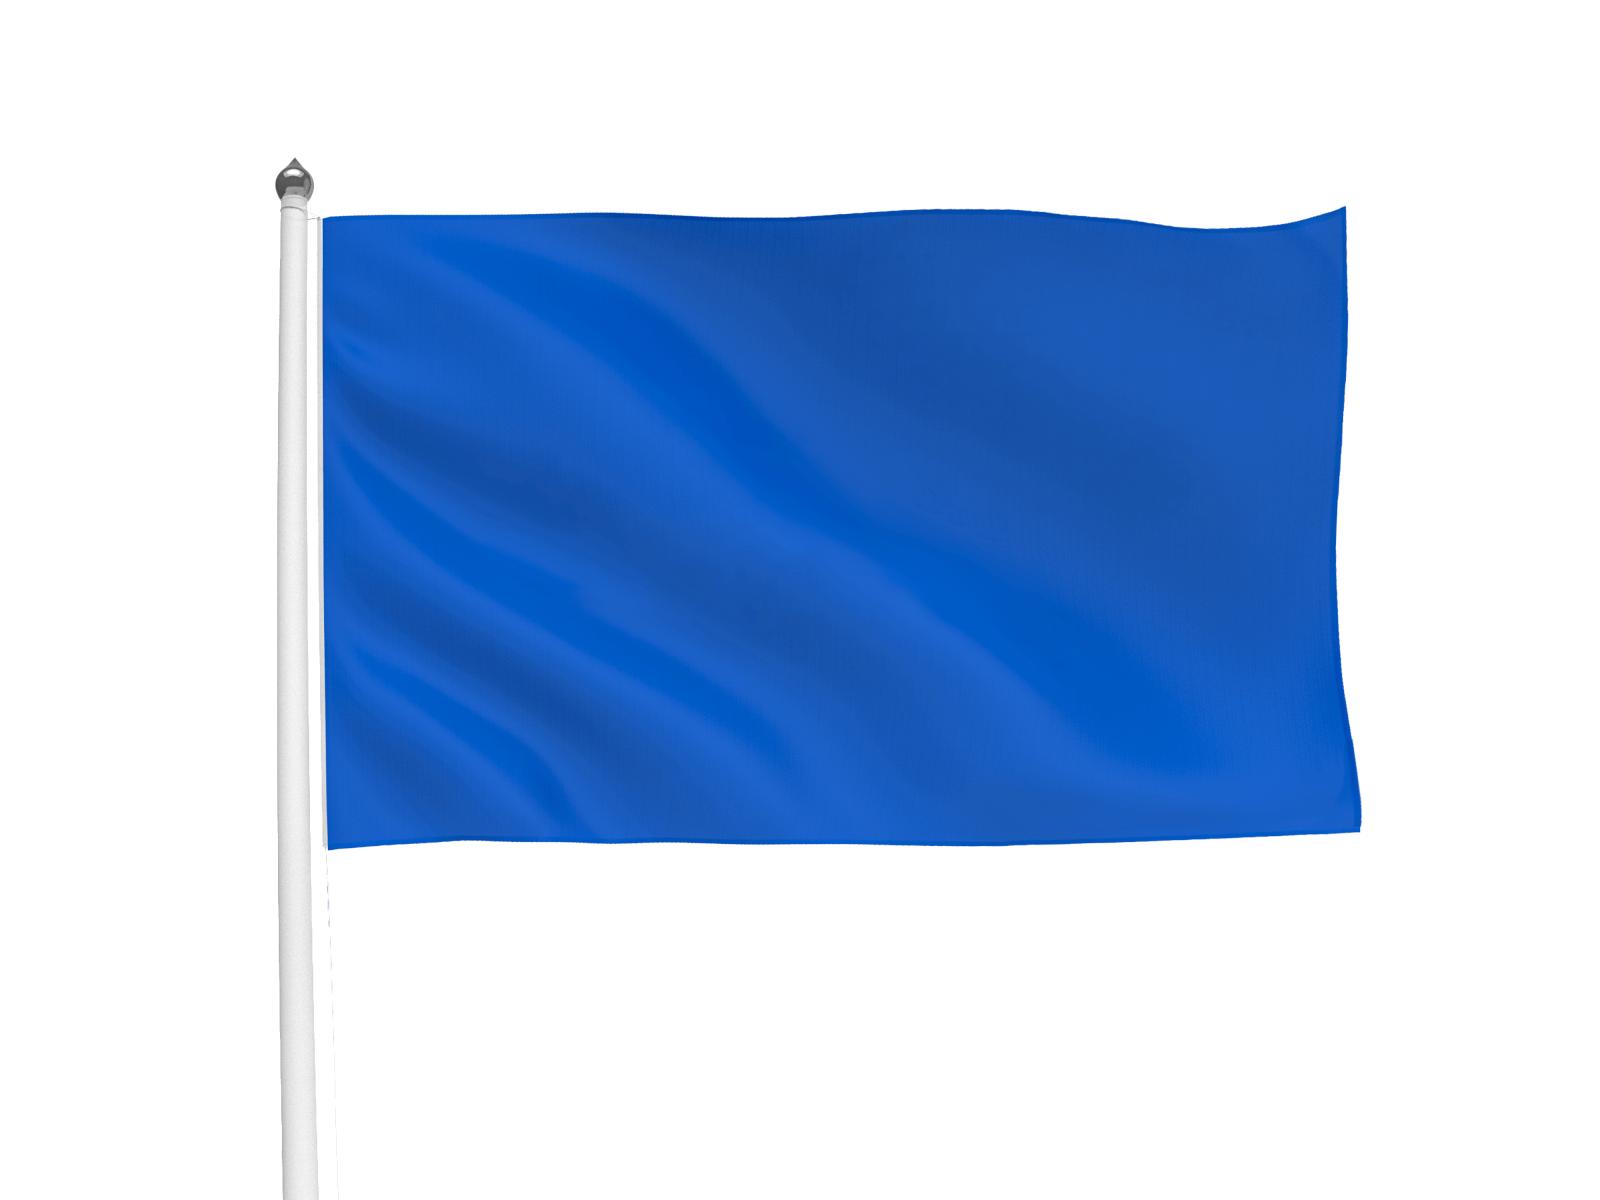 Företagsflagga 200x120 cm